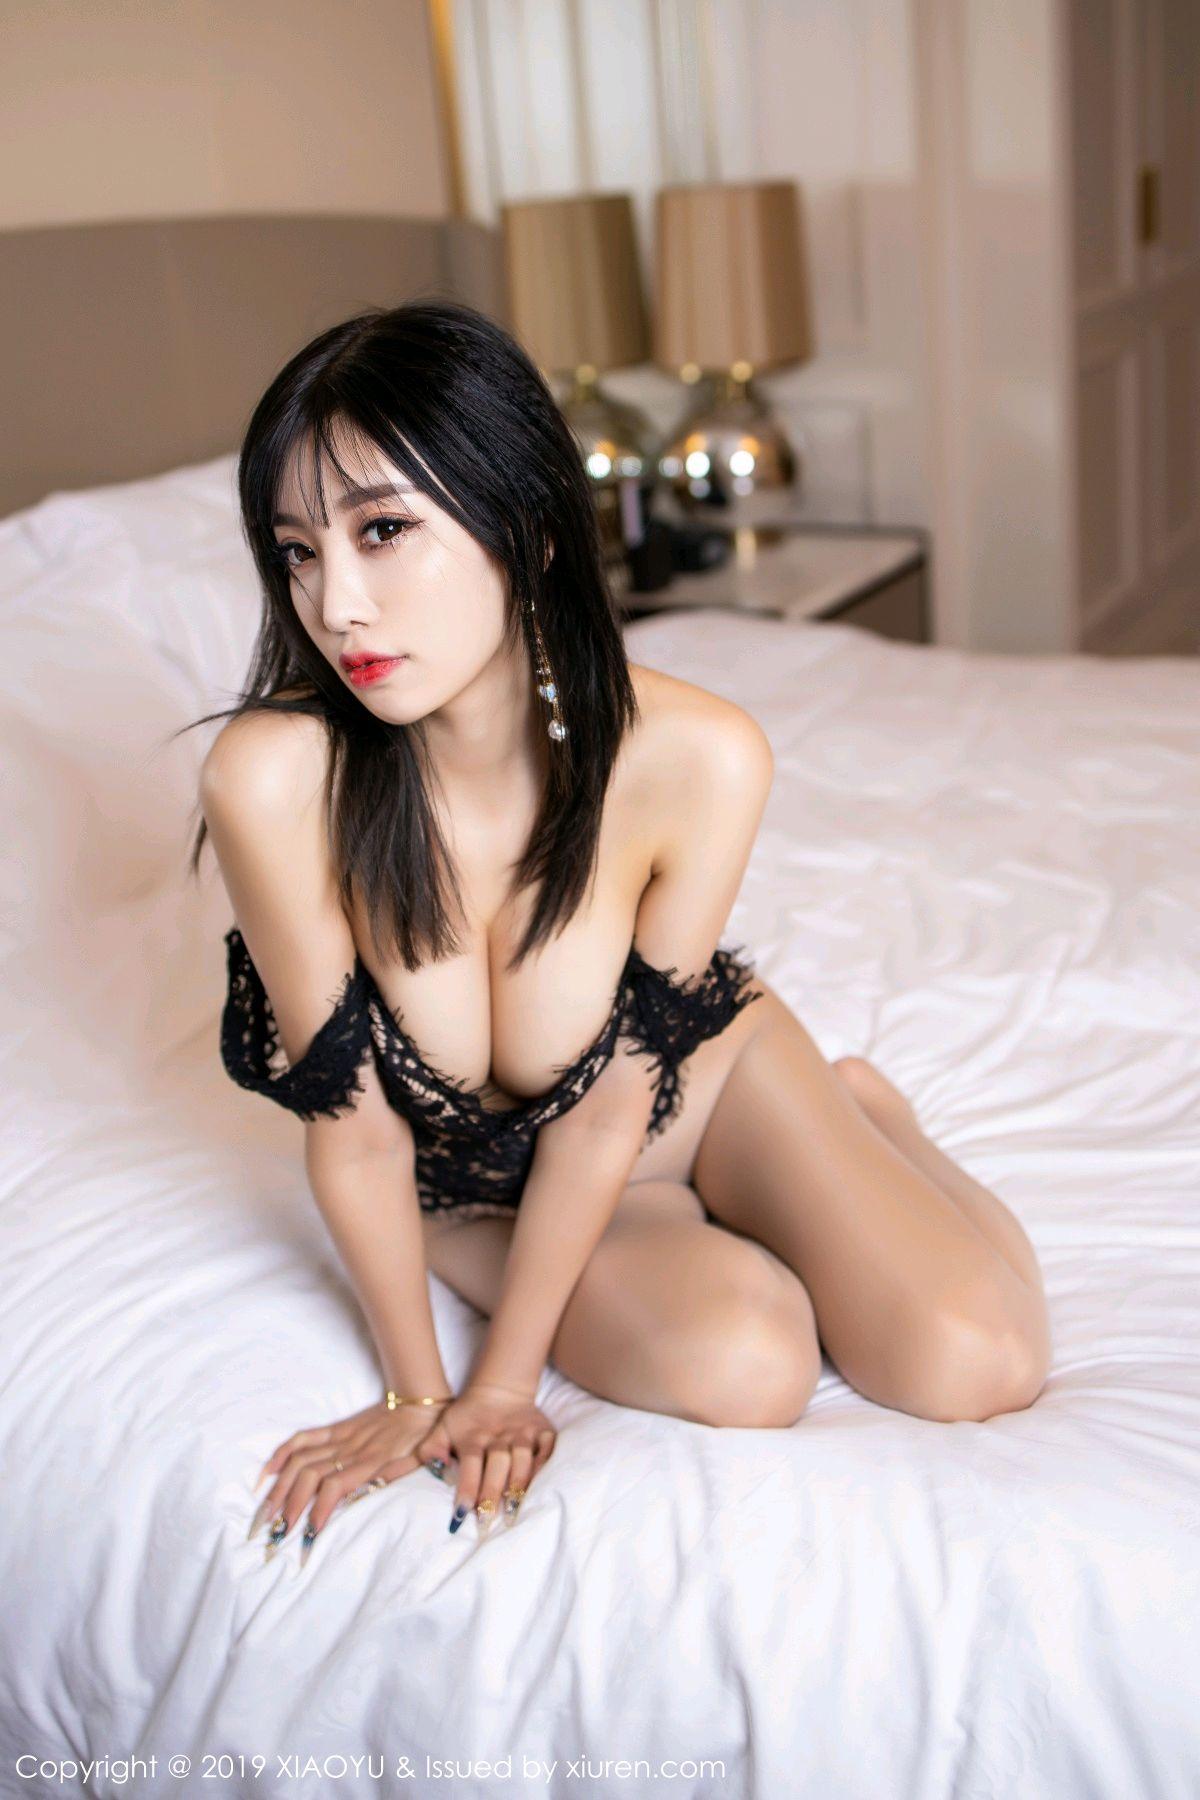 [XiaoYu] Vol.157 Yang Chen Chen 11P, XiaoYu, Yang Chen Chen